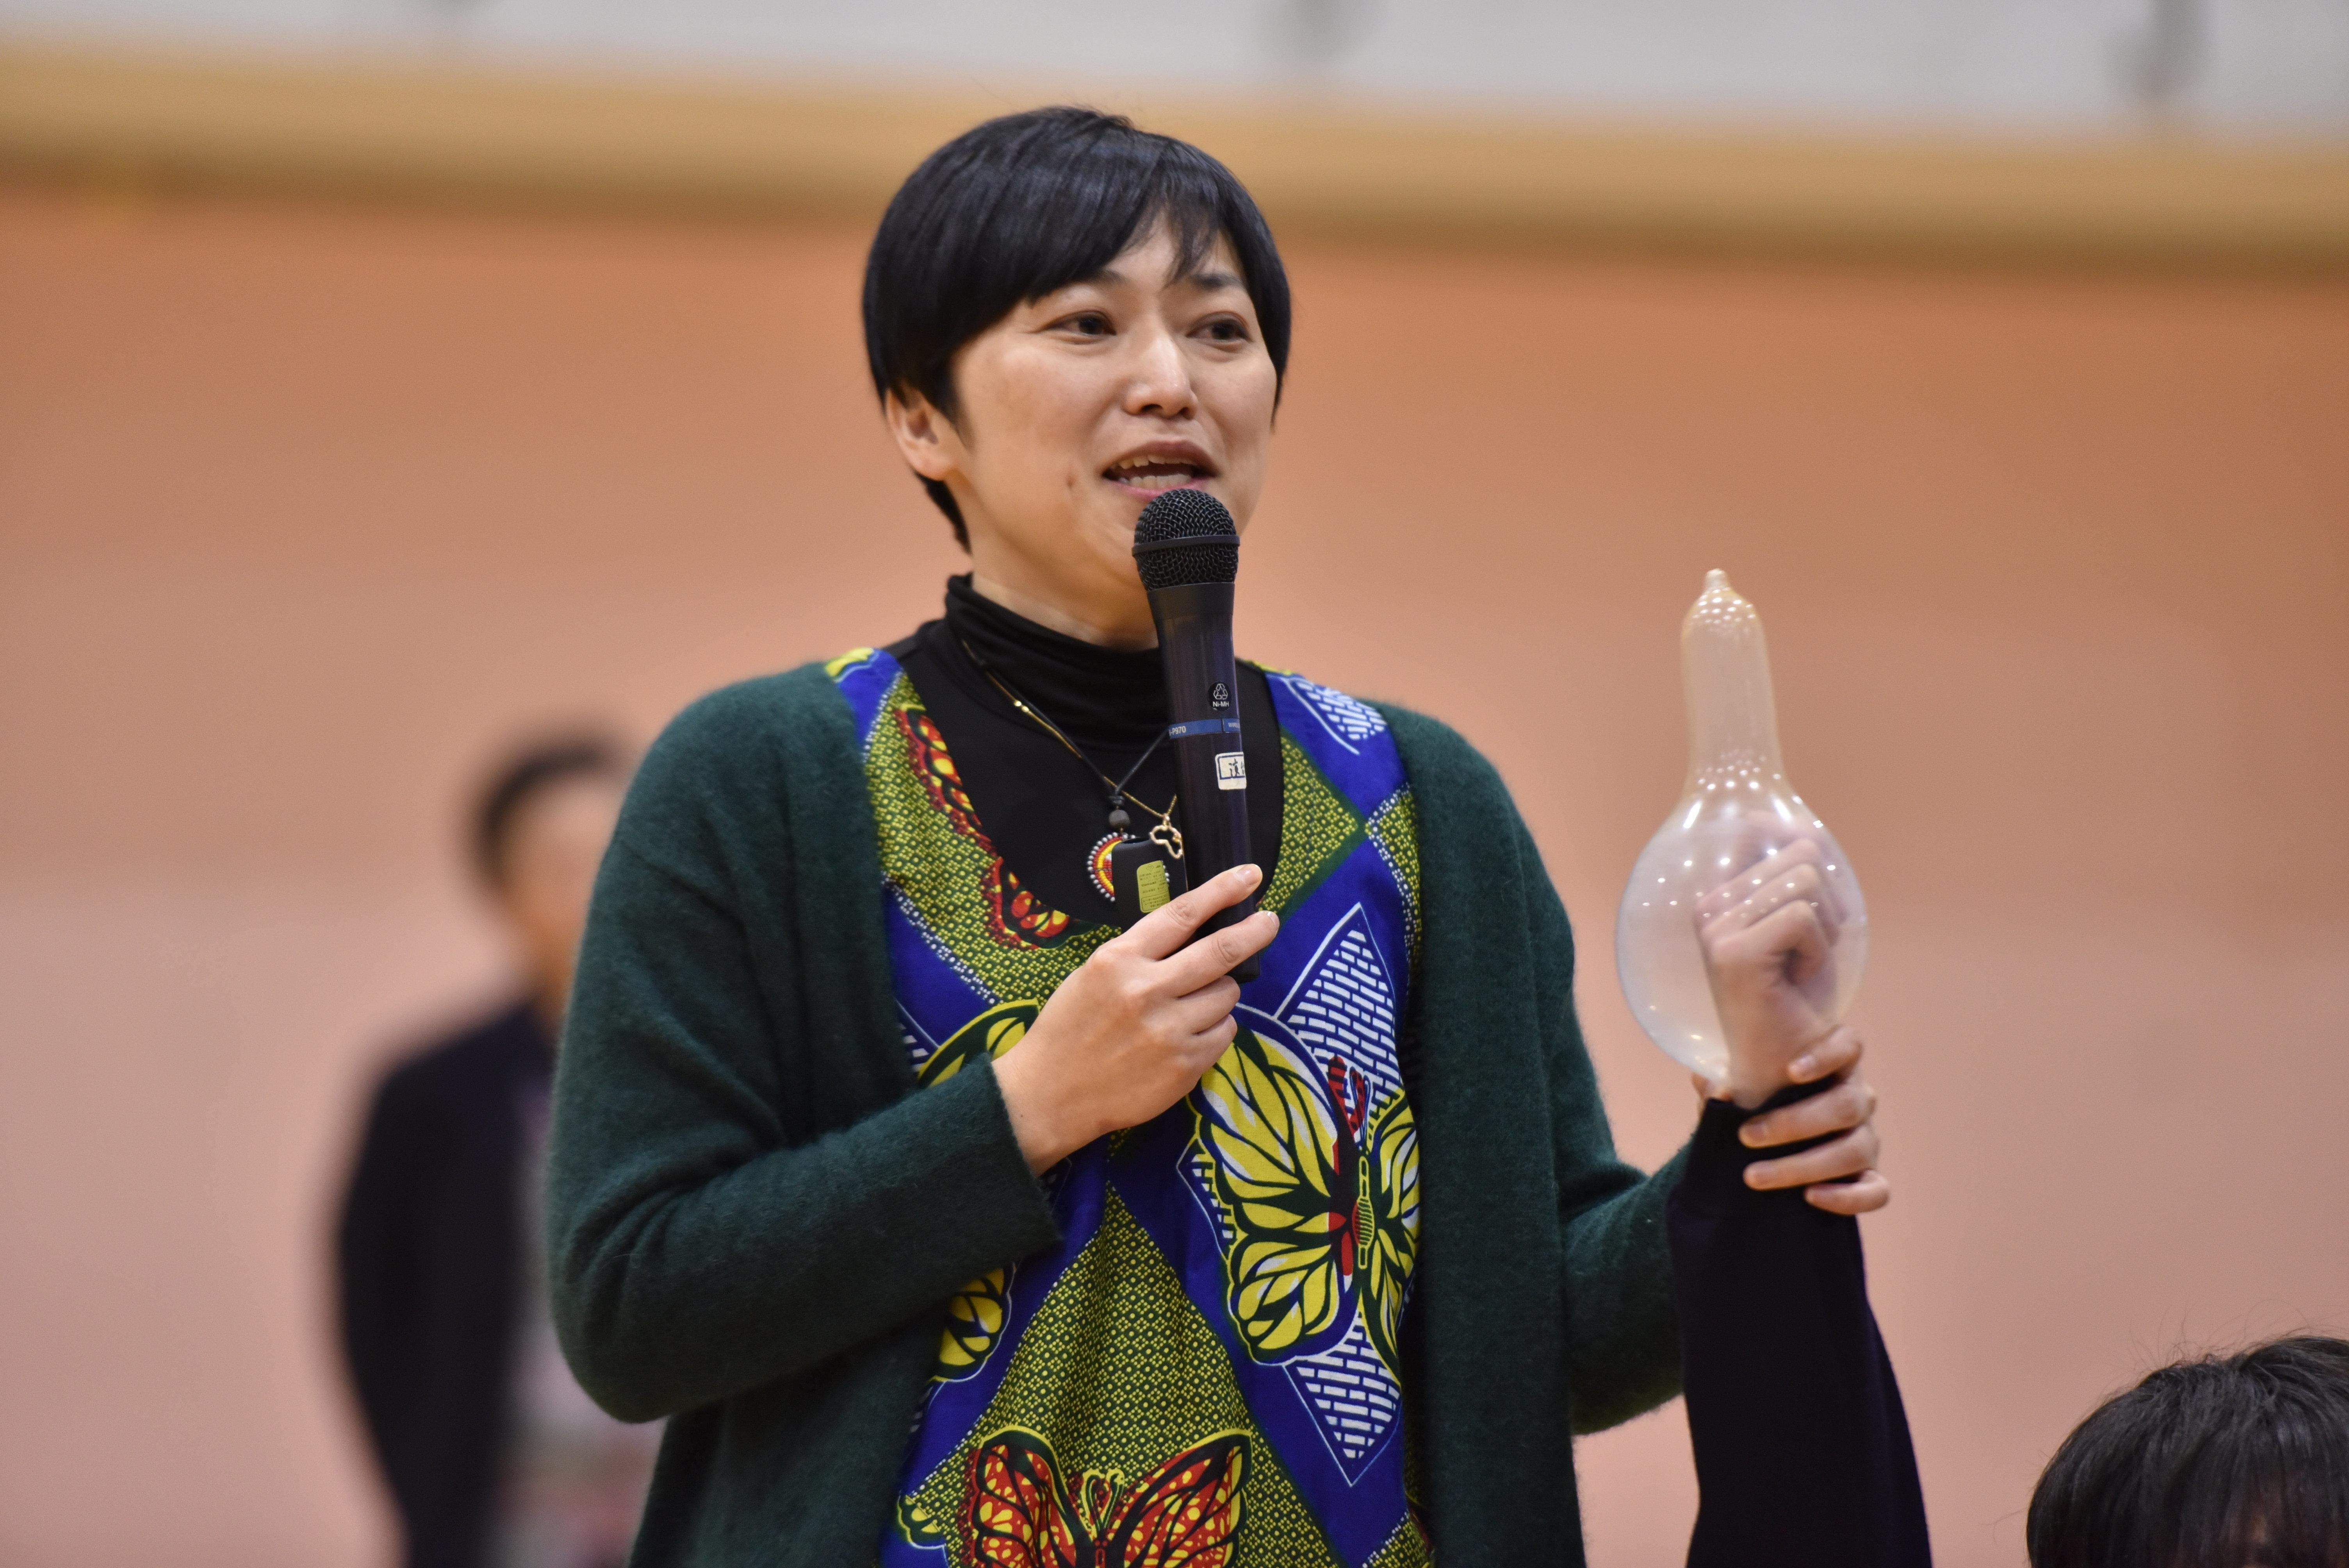 コンドームの「伝道師」が滋賀にいた。高校教諭の彼女を突き動かすものとは?